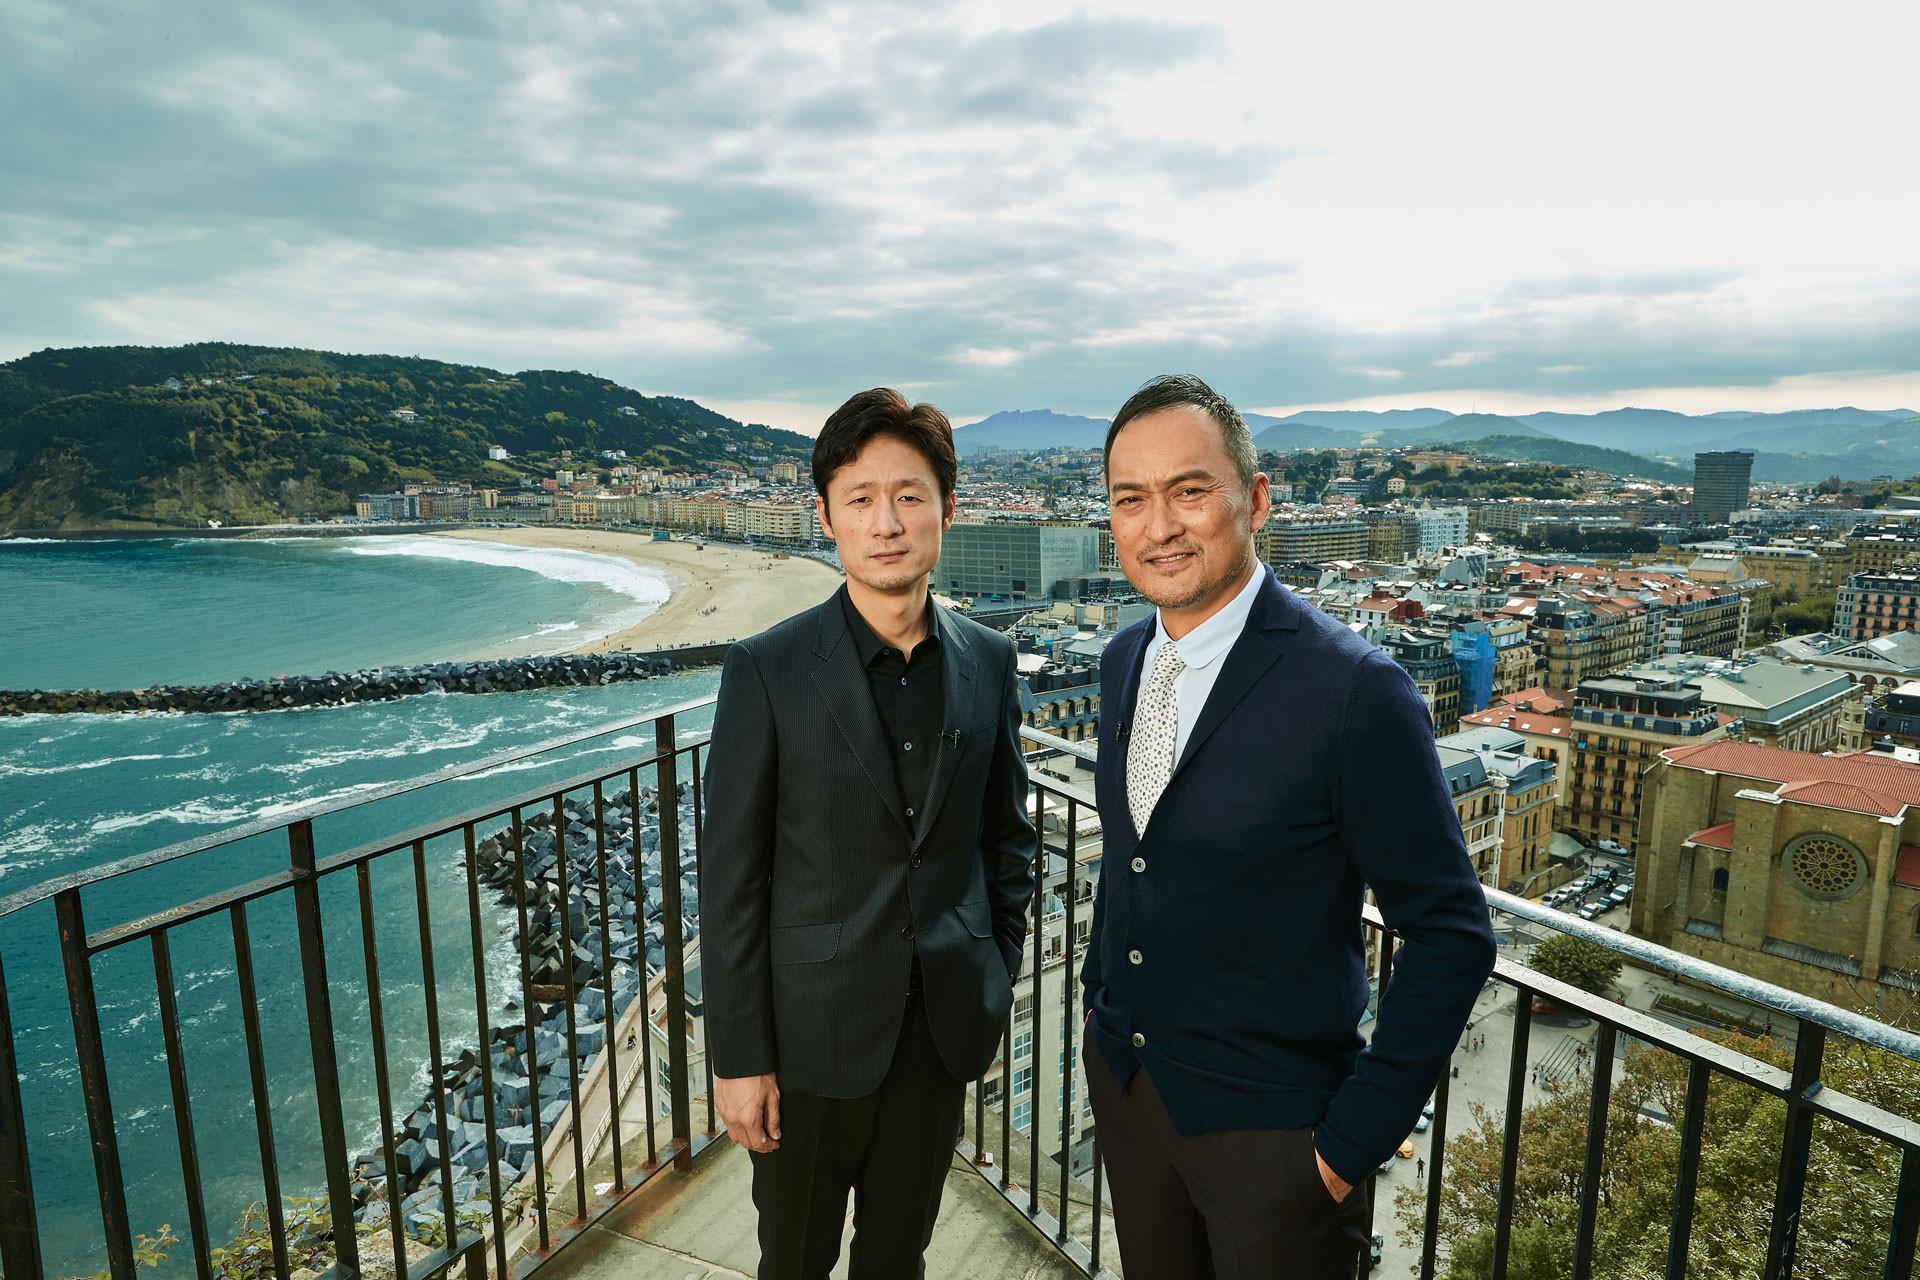 Lee Sang-il and Ken Watanabe at Donosti.